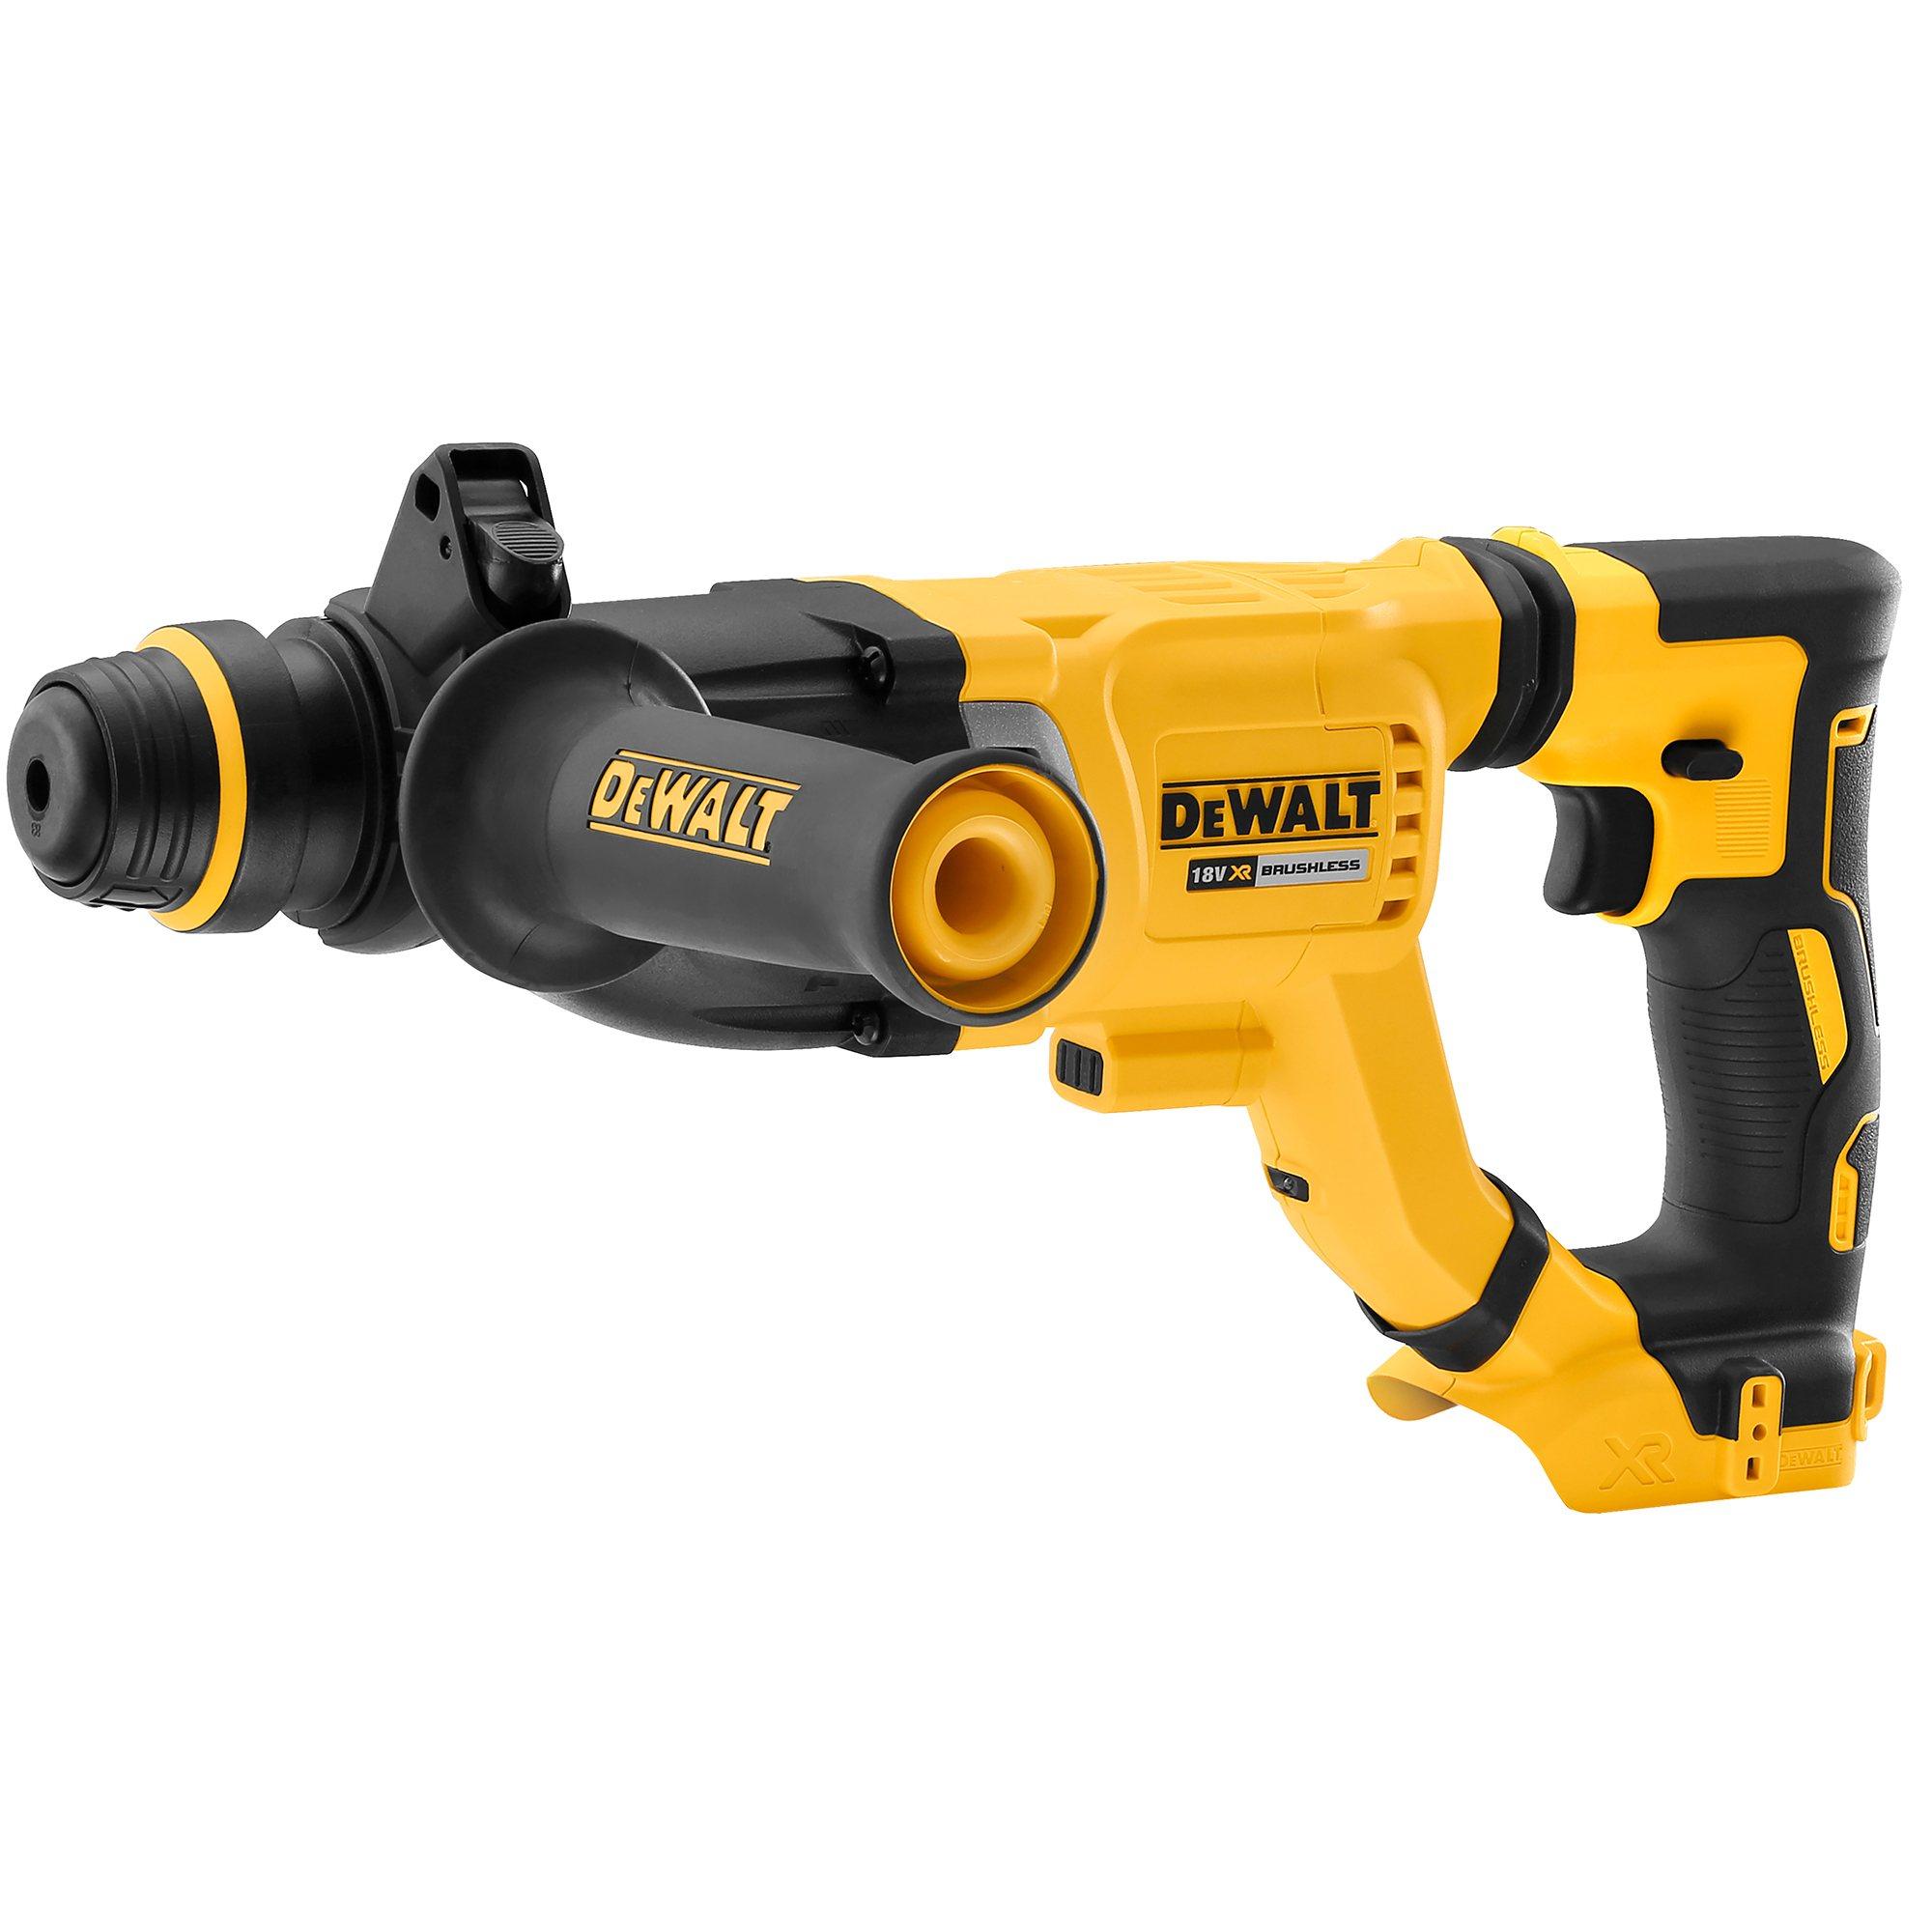 Dewalt DCH263N 18v Brushless SDS+ Hammer Drill BODY ONLY £124.99 delivered @ ToolStoreUK